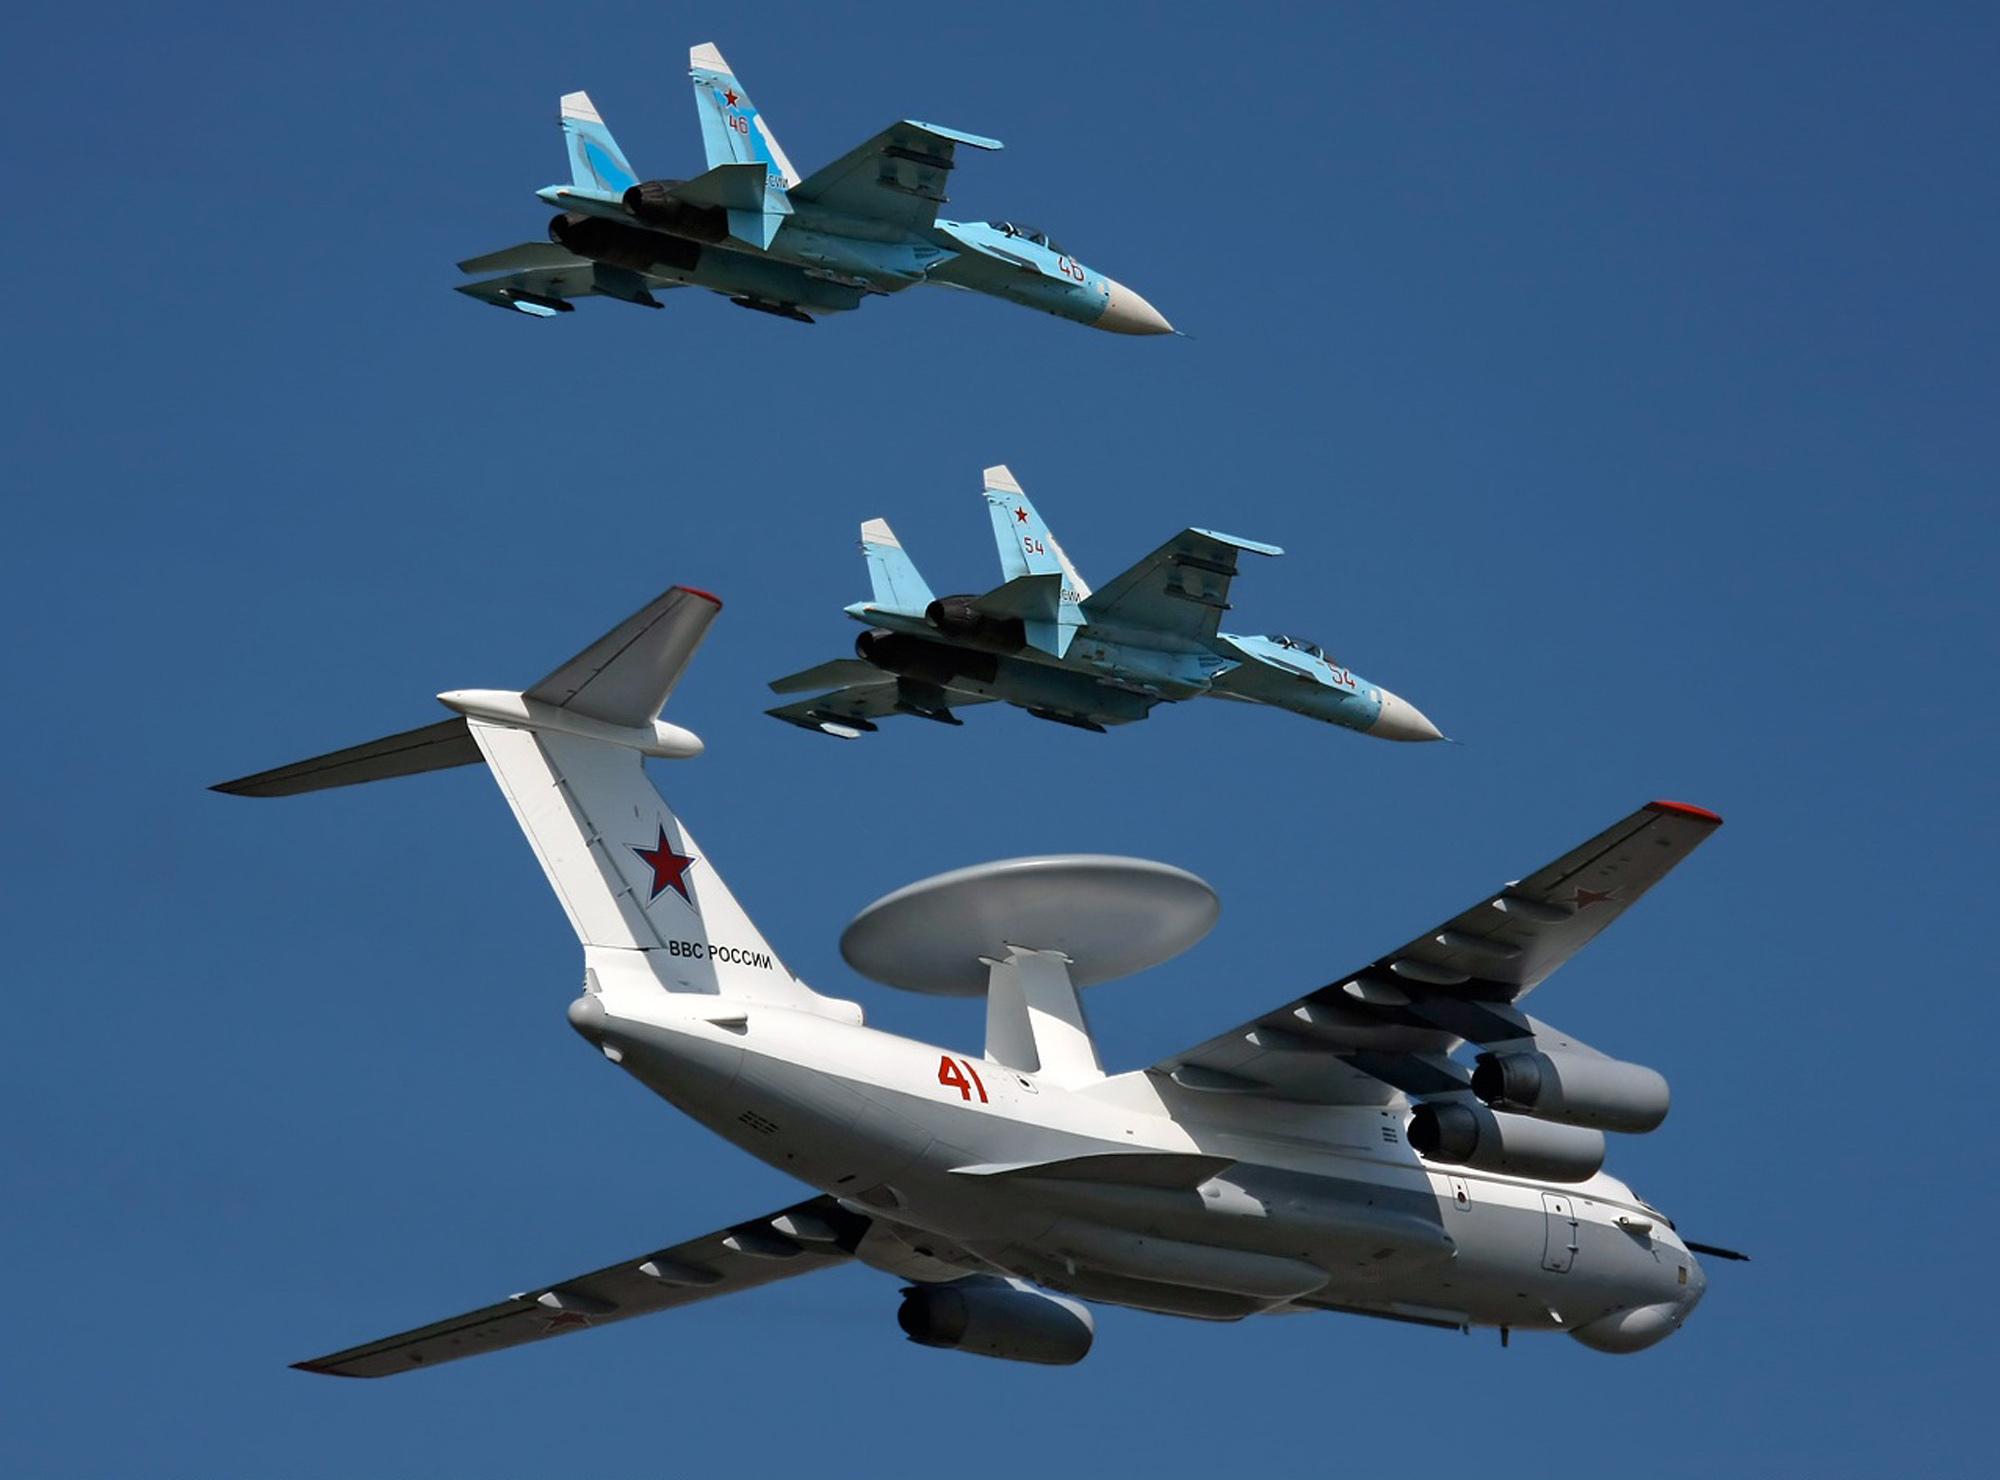 Военные самолеты разветчики скачать